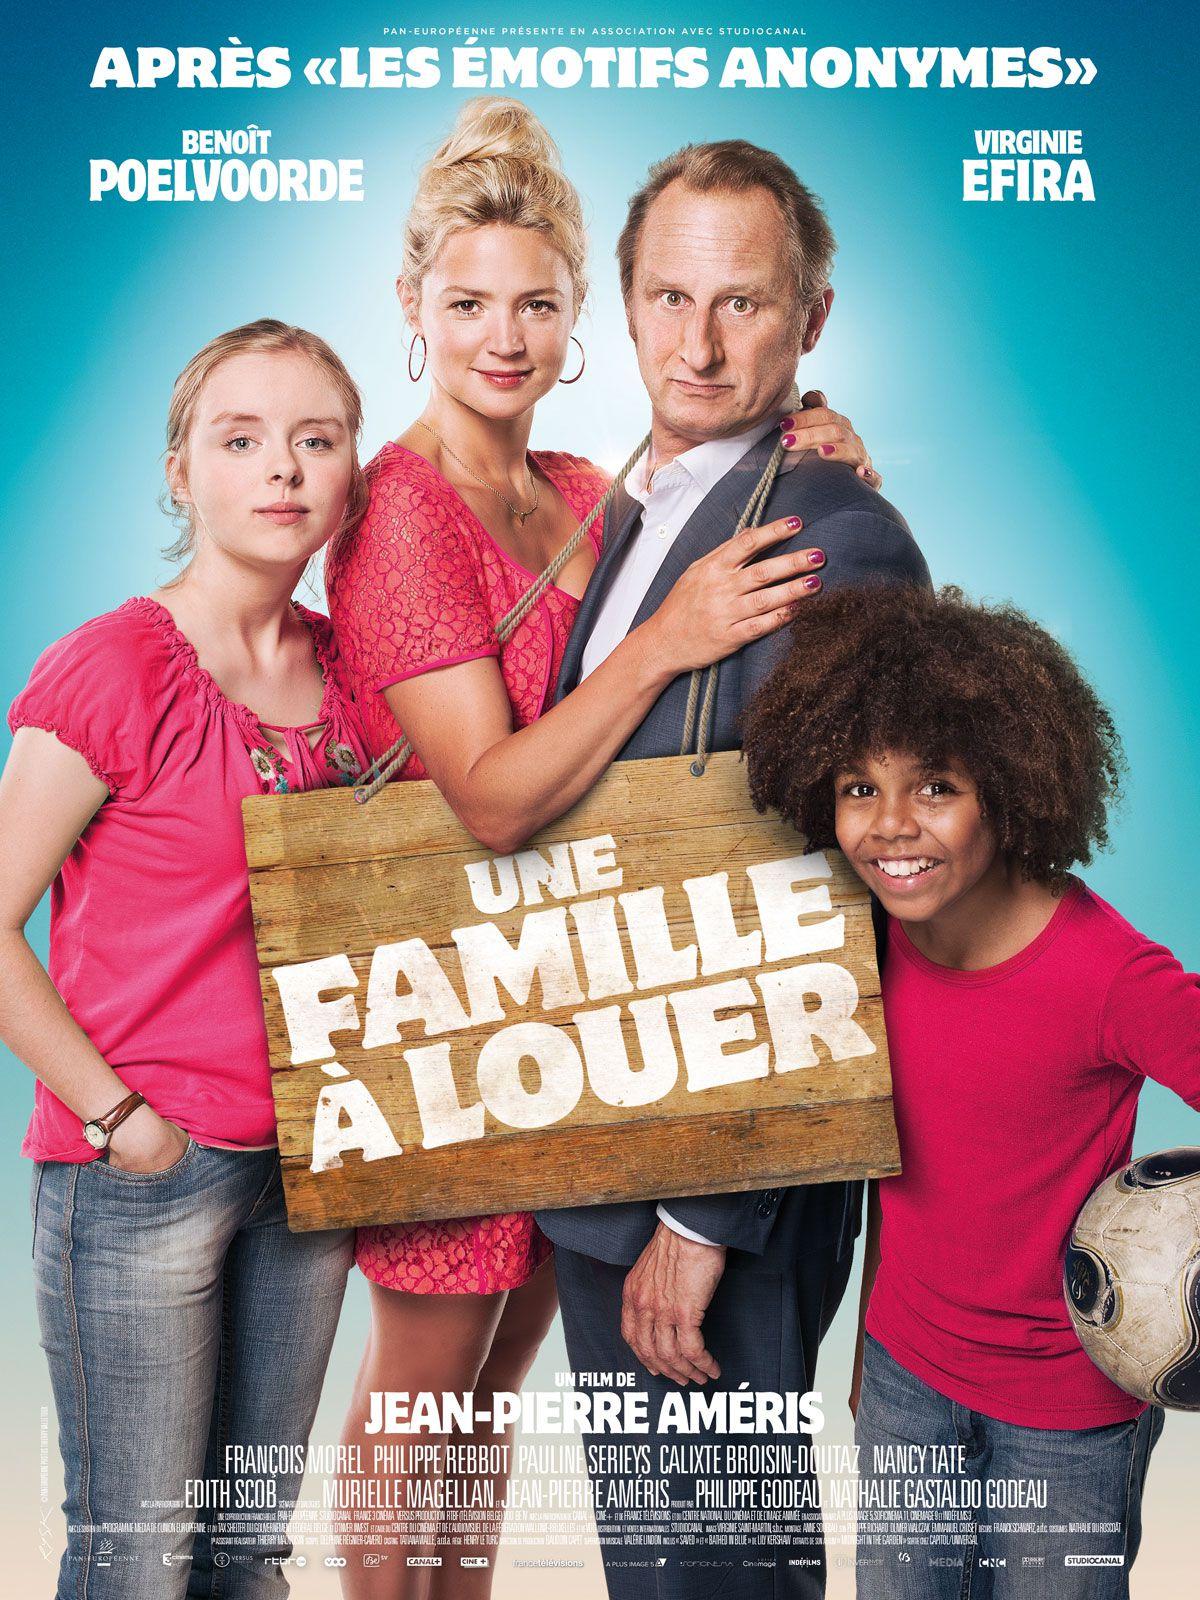 Une famille à louer - Film (2015)